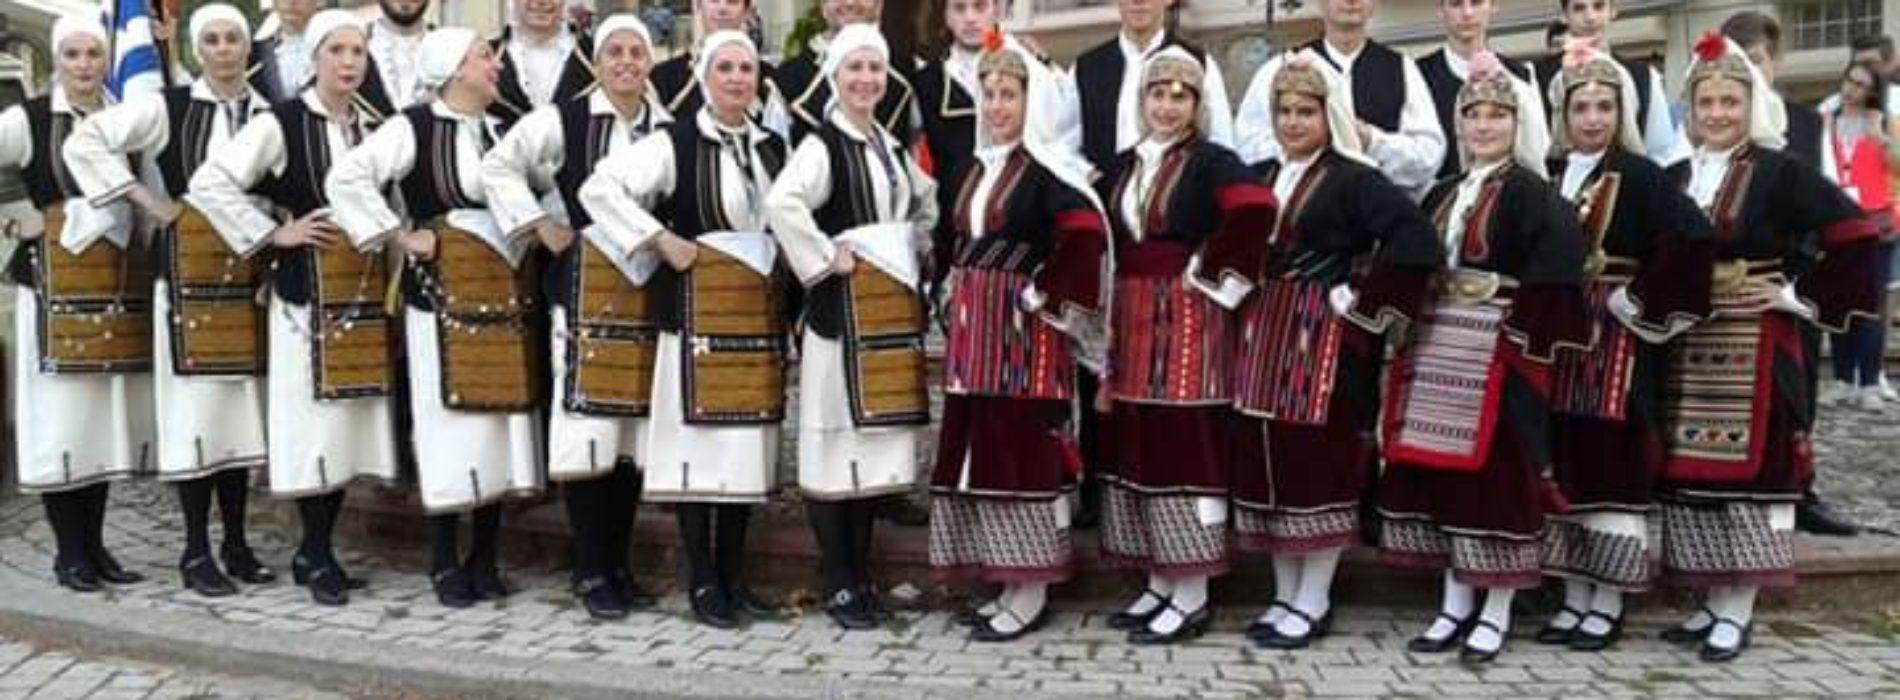 6ο Φεστιβάλ Παραδοσιακού Χορού και μουσικής Πάτμου – Δελτίο Τύπου